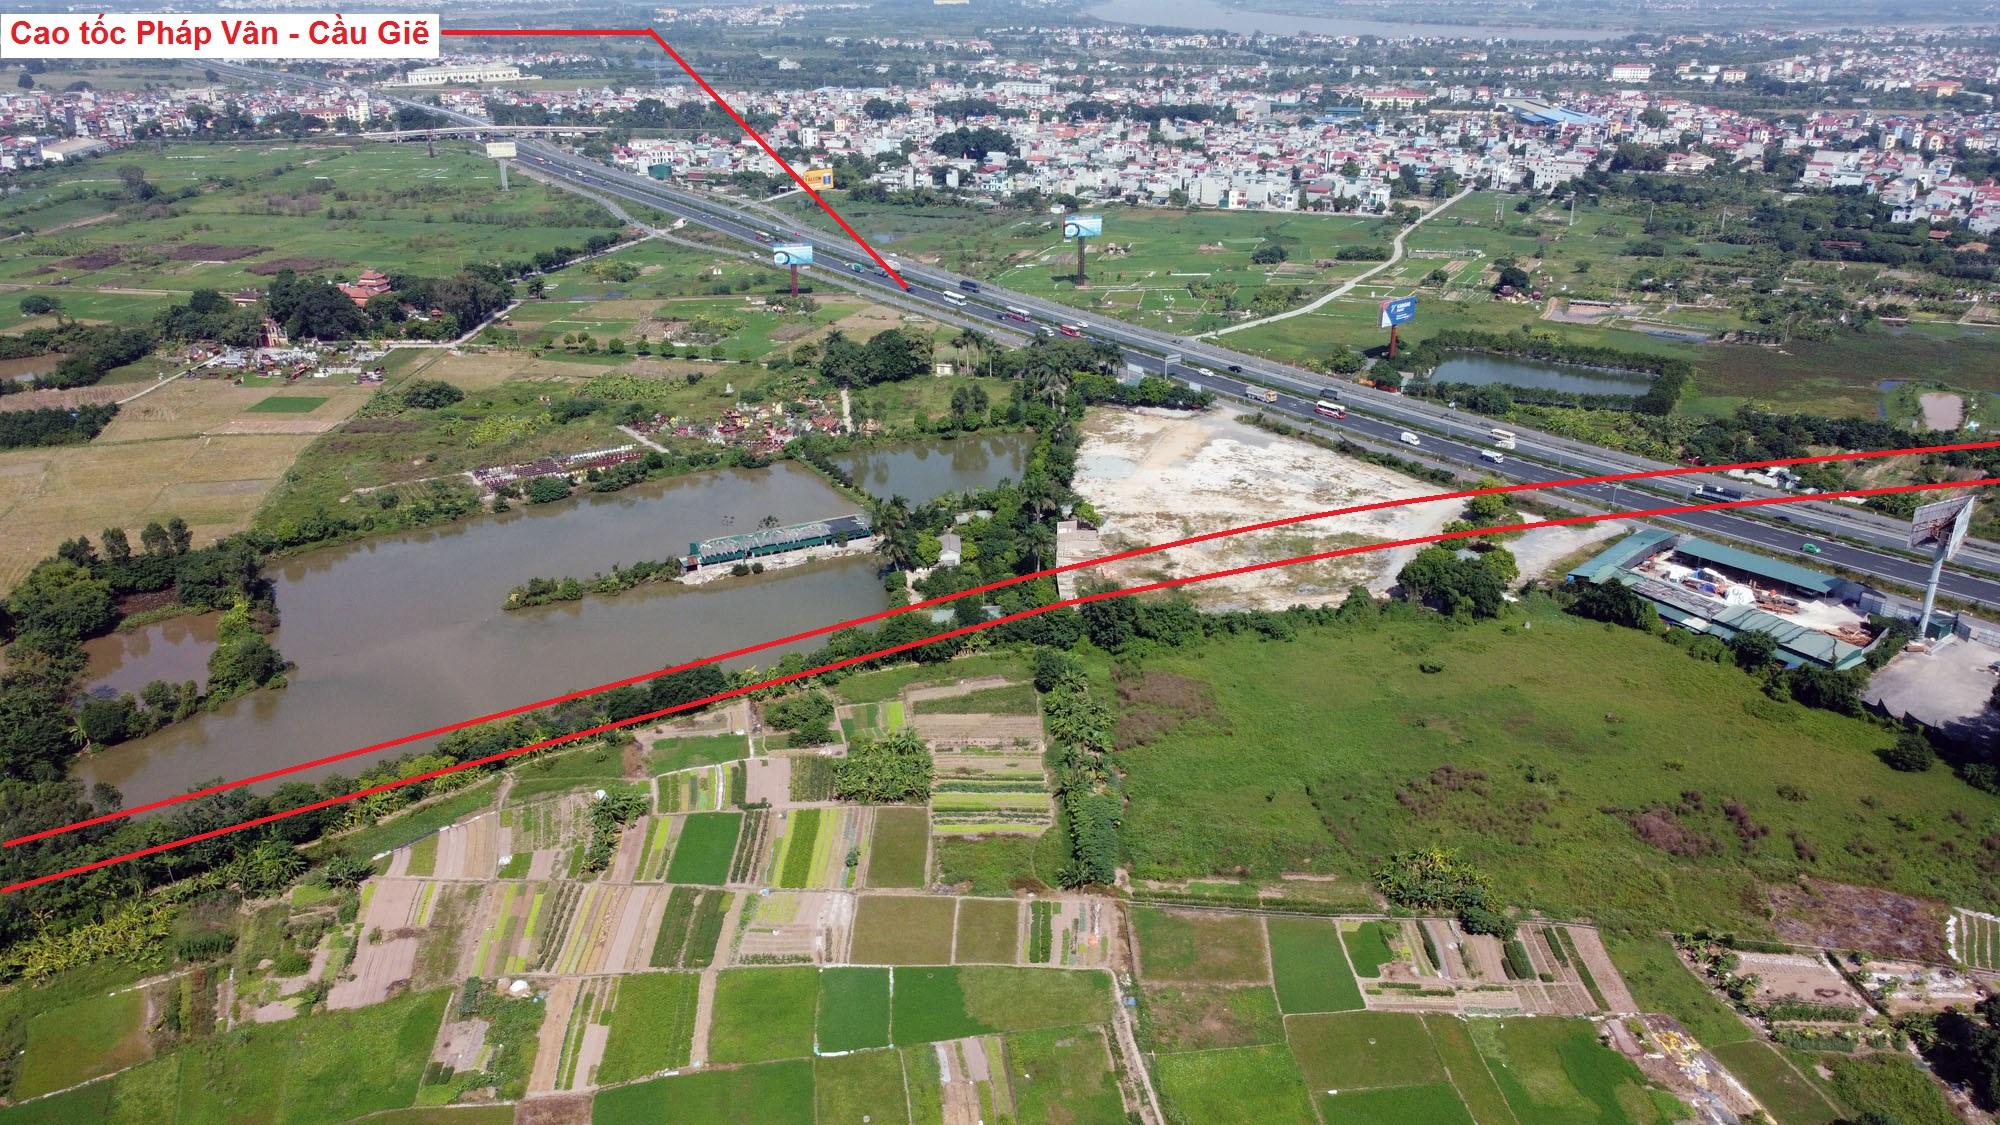 Ba đường sẽ mở theo quy hoạch ở xã Liên Ninh, Thanh Trì, Hà Nội - Ảnh 4.